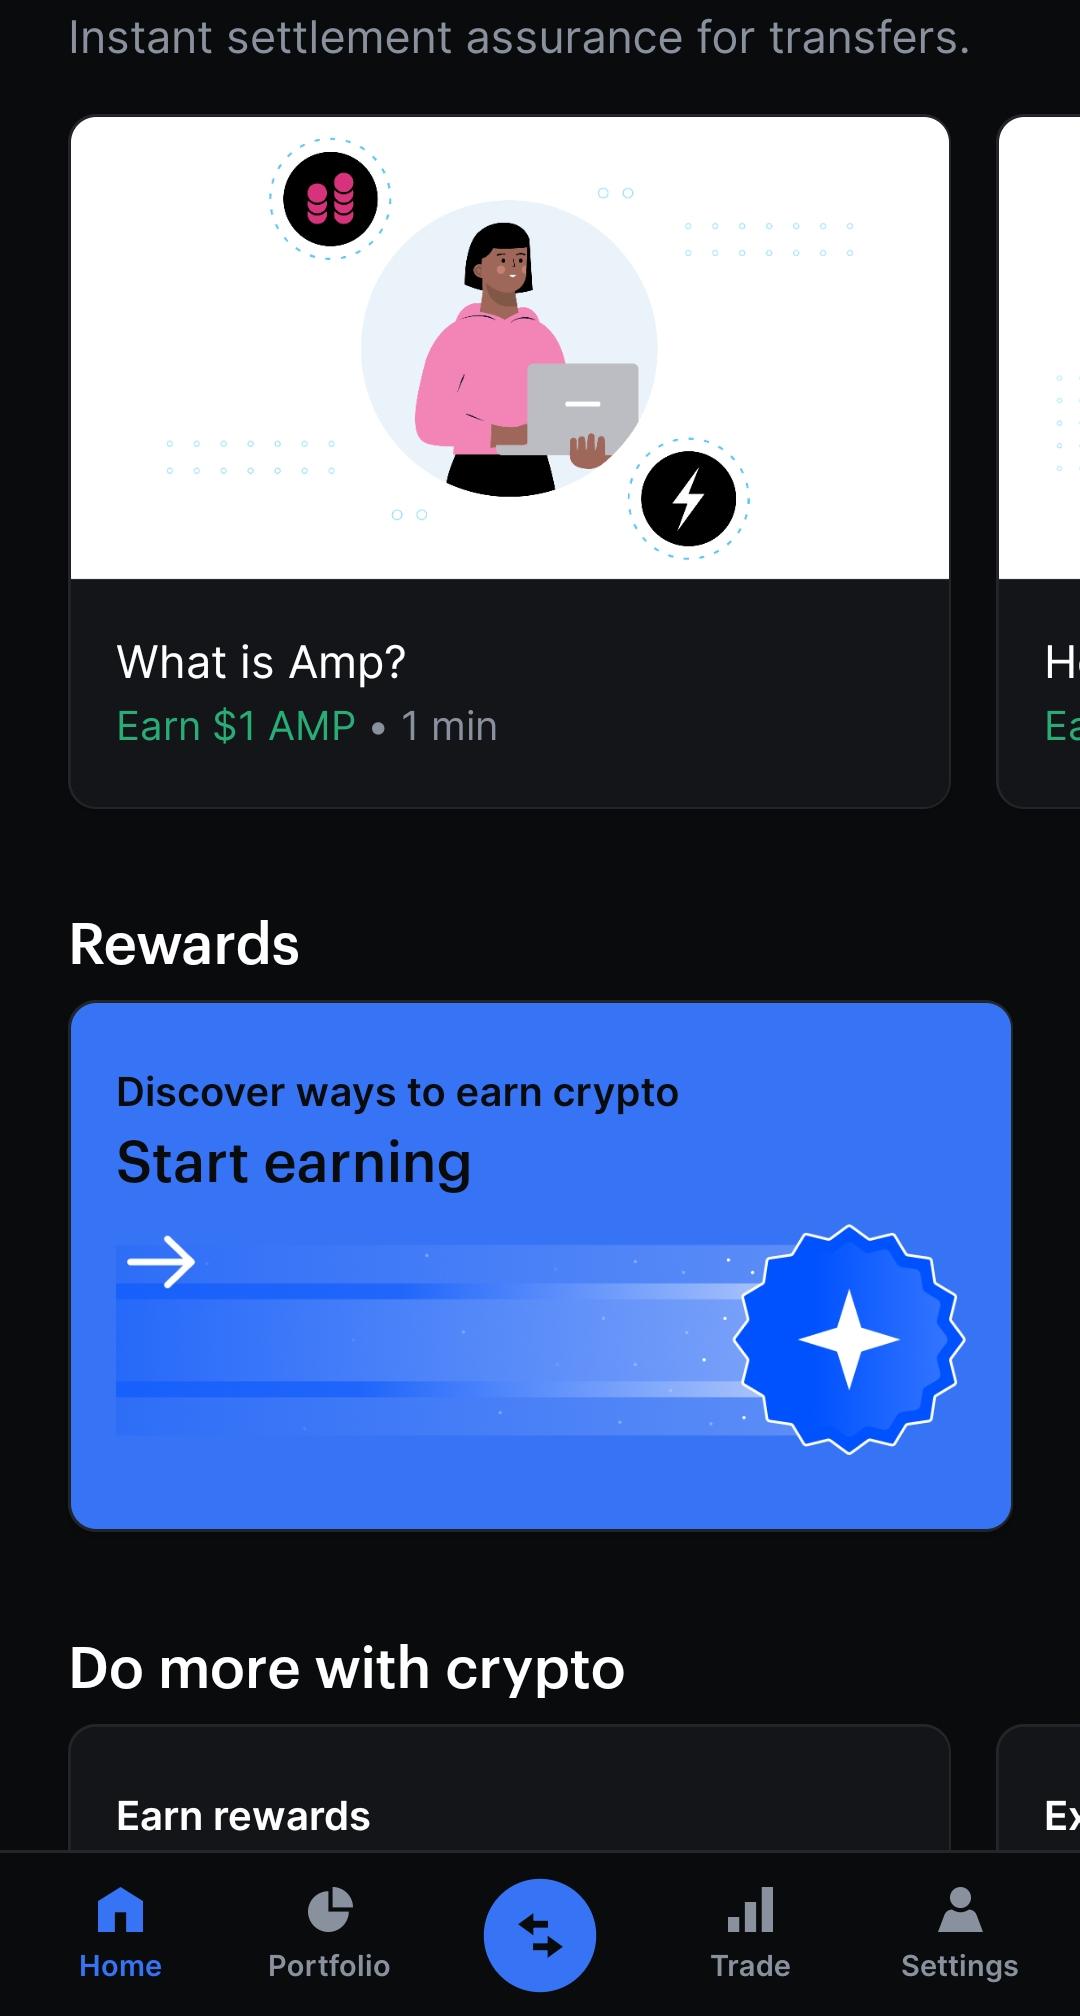 Warum Bitcoin kaufen, wenn man sich diverse Coins verdien kann? Hier ein Screenshot aus der Coinbase App, wo das richtige Beantworten von Mini-Quizes mit digitalen Währungen wie Bitcoin belohnt werden.